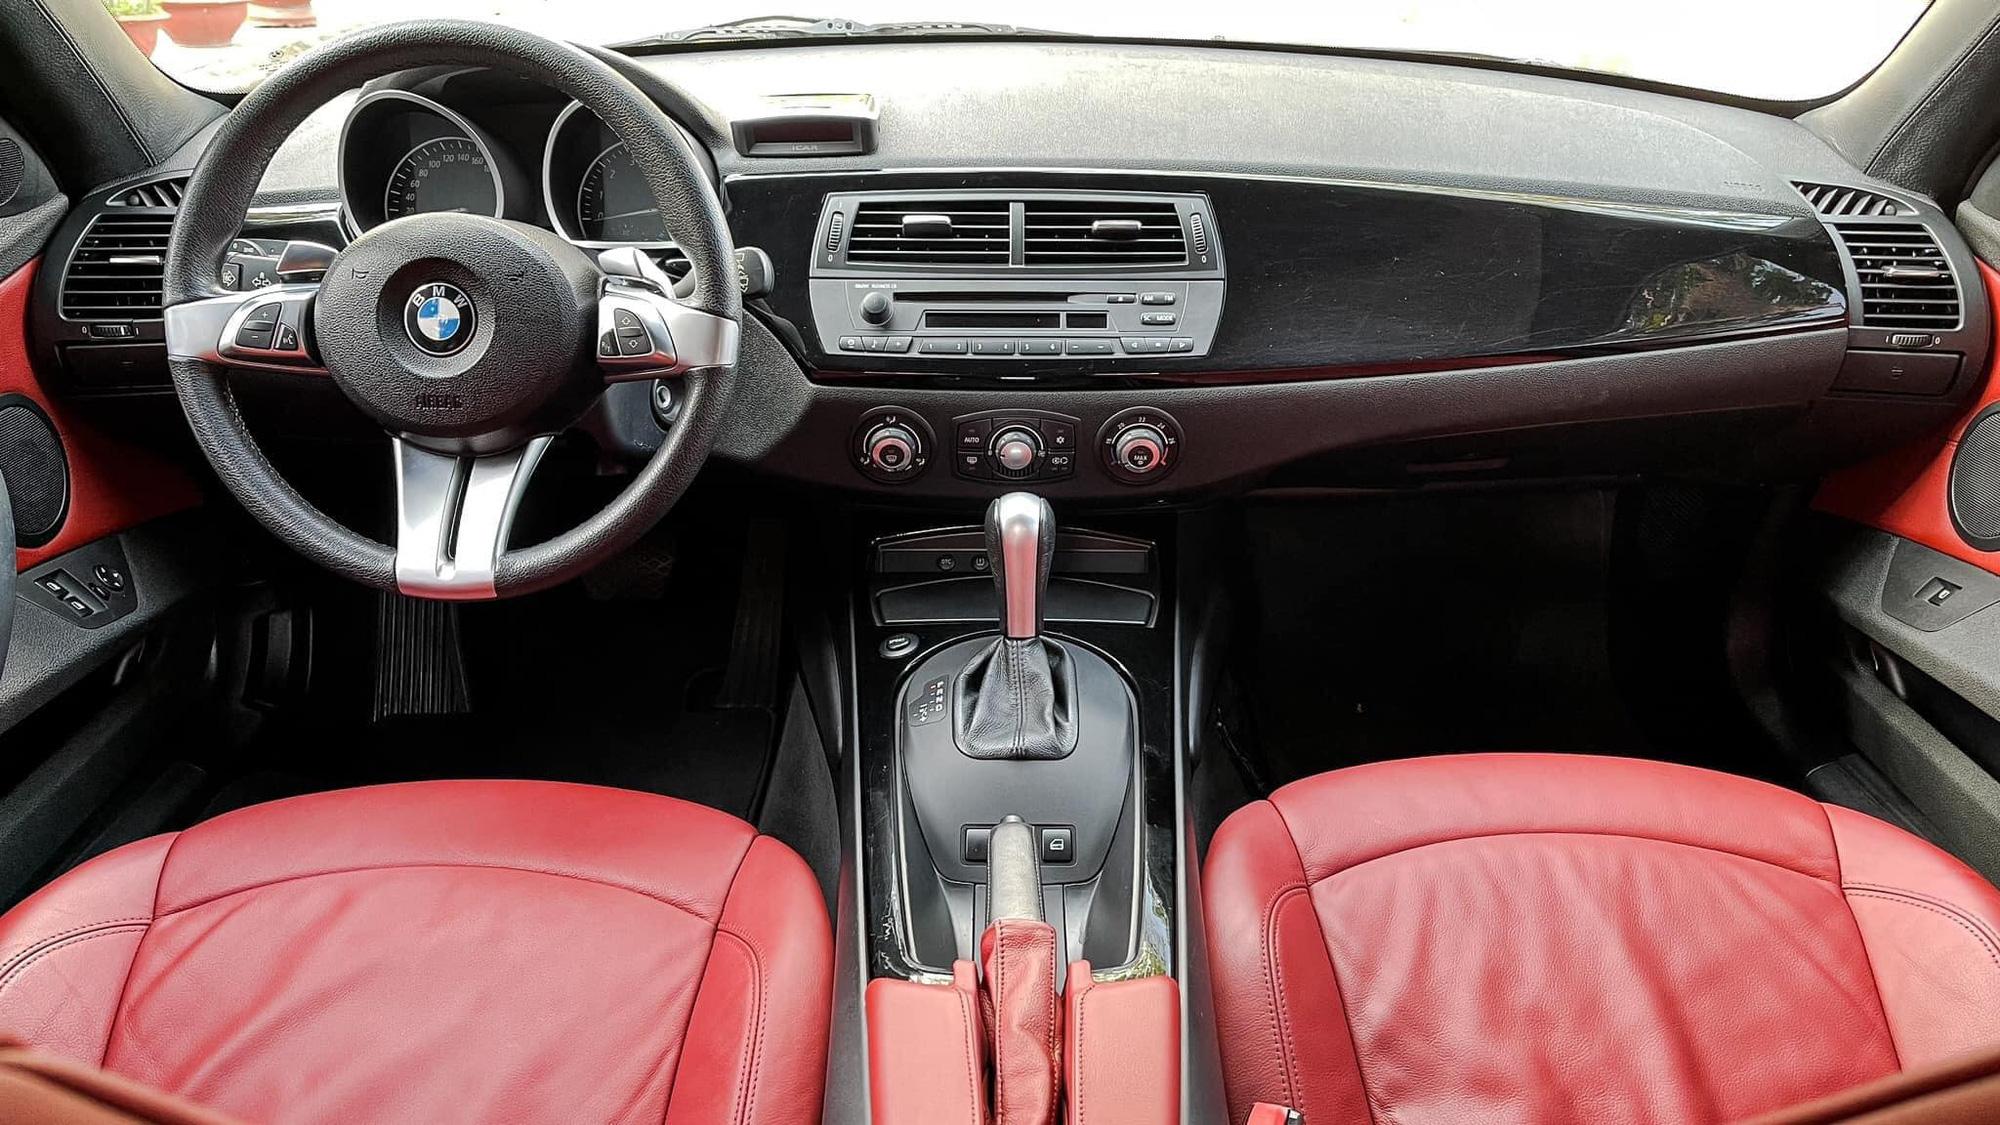 Chạy chưa tới 30.000km, BMW Z4 hạ giá ngang Mazda3 Sport thế hệ mới - Ảnh 5.